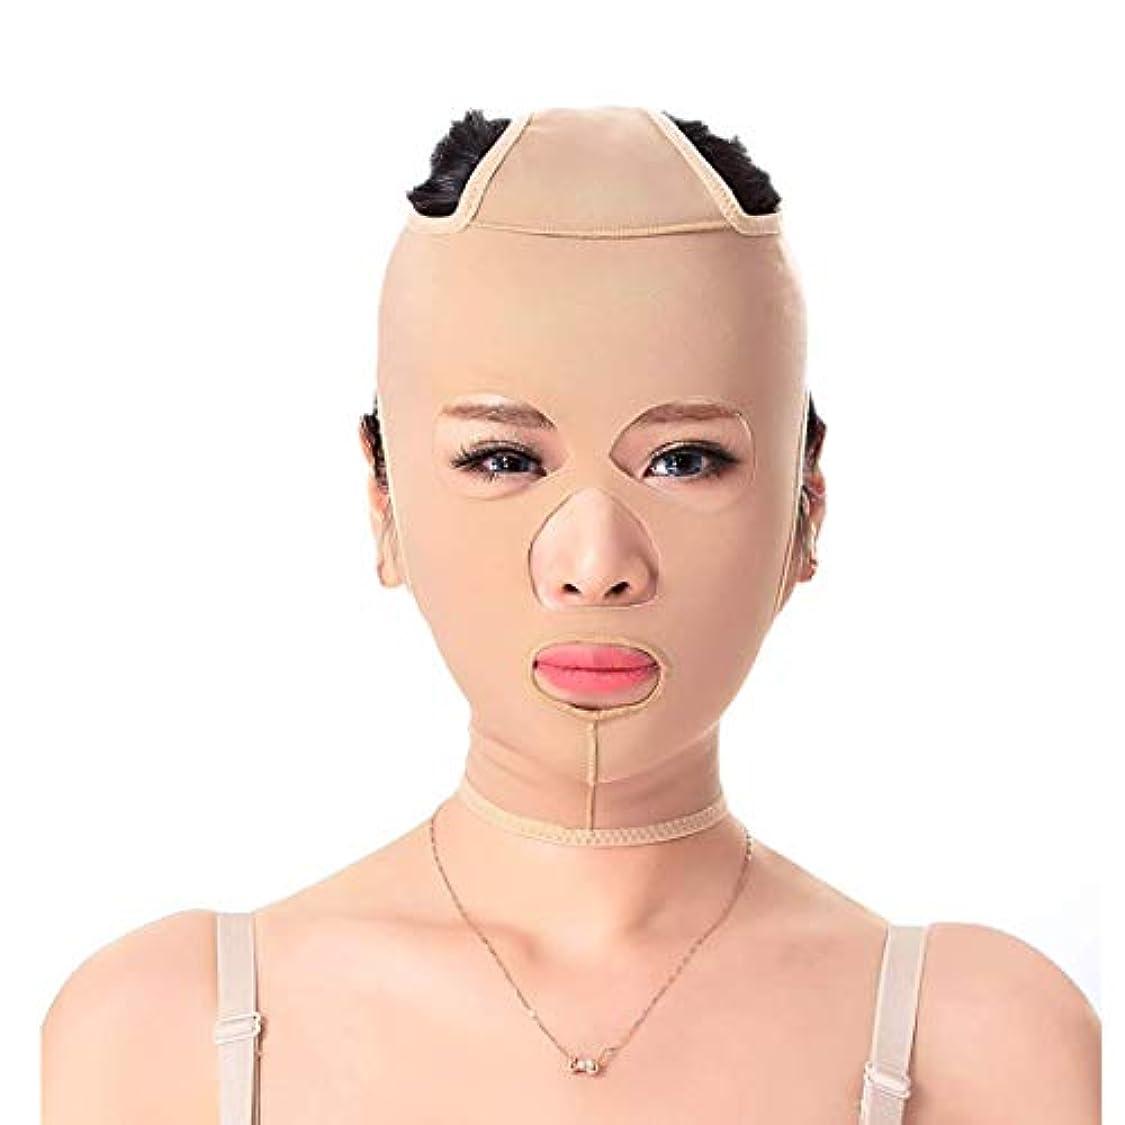 消える教育学振幅スリミングベルト、二重あごの引き締め顔面プラスチック顔アーティファクト強力な顔の包帯を脇に持ち上げるパターンを欺くためのフェイシャルマスク薄いフェイスマスク(サイズ:XXL),S